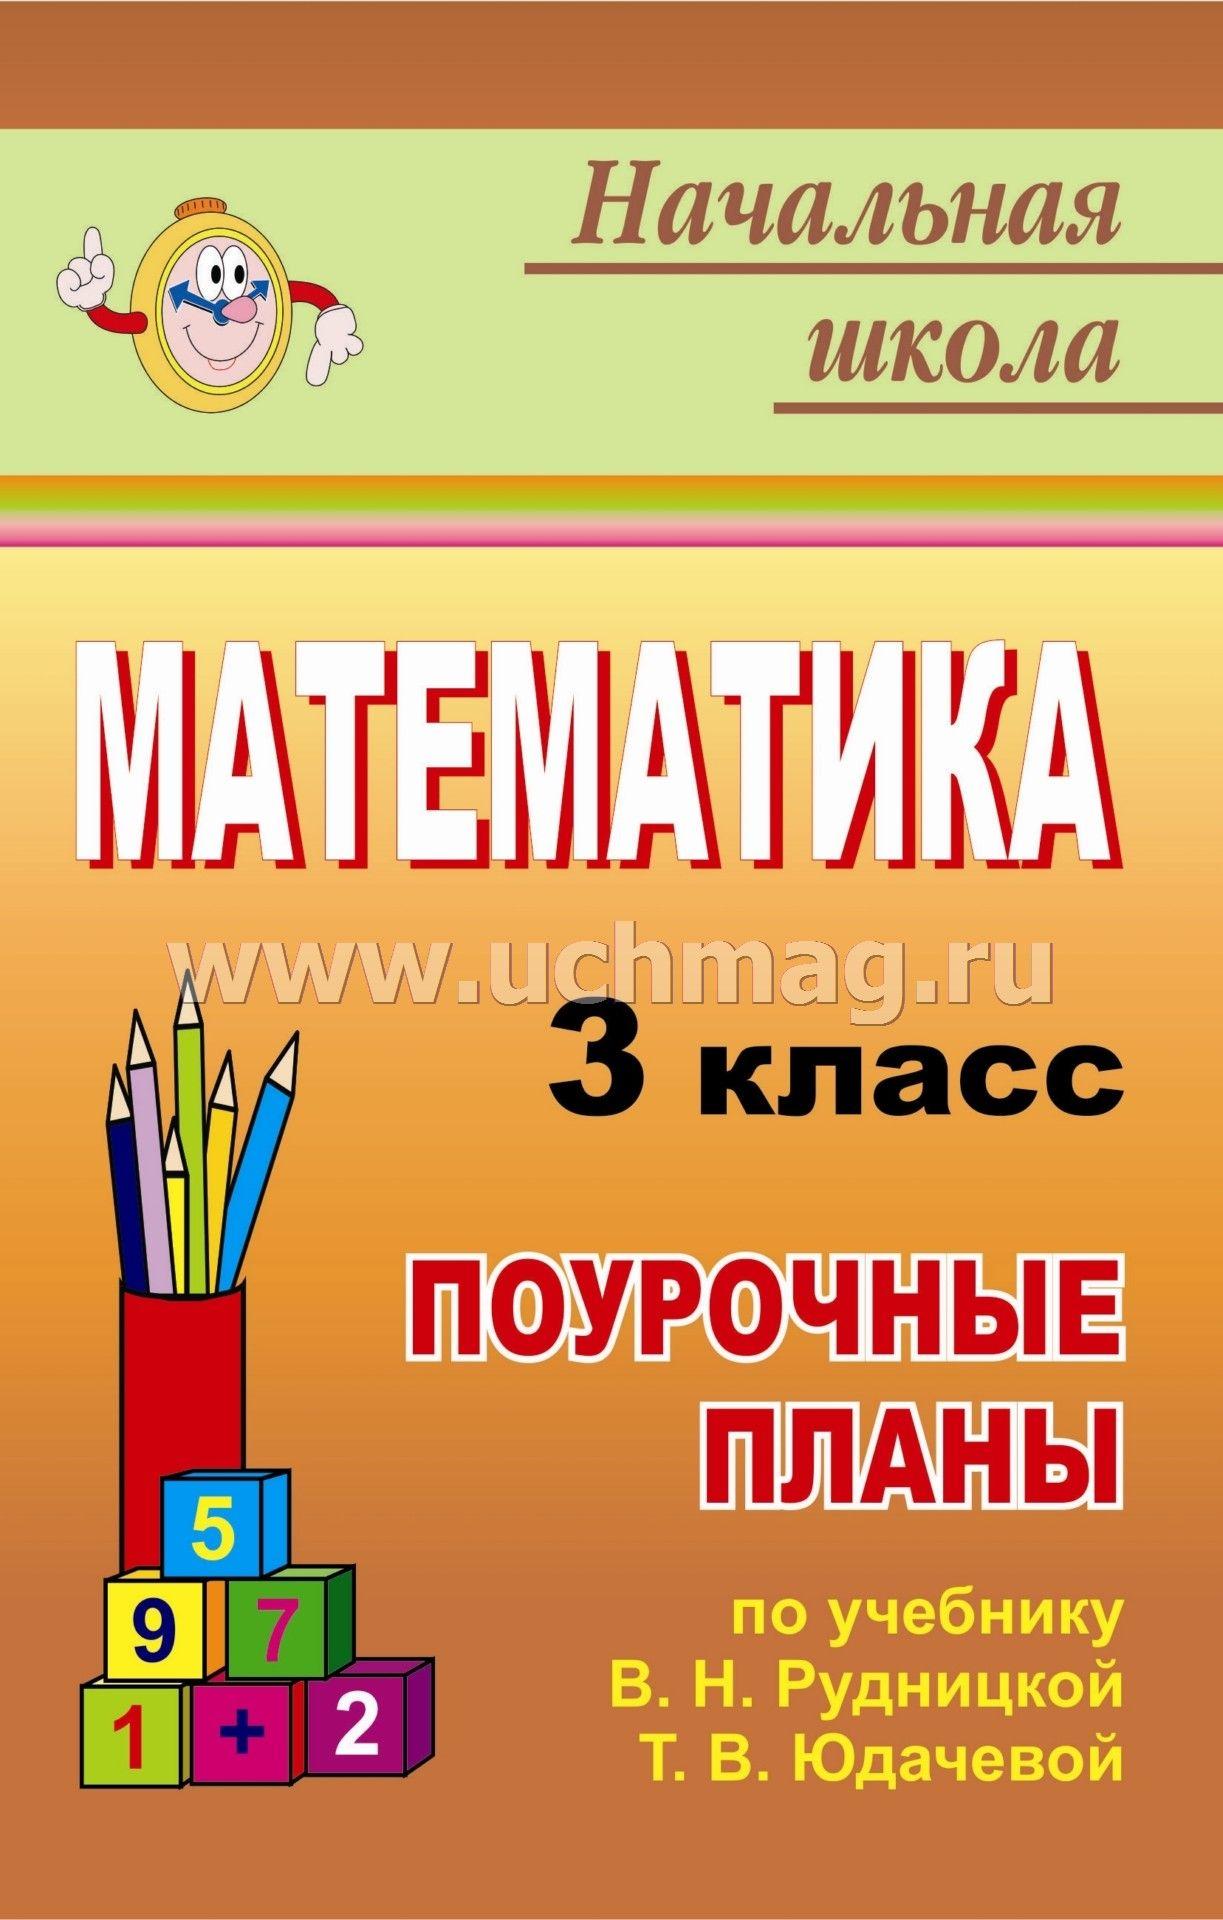 МАТЕМАТИКА 3 КЛАСС РУДНИЦКАЯ ПОУРОЧНЫЕ РАЗРАБОТКИ СКАЧАТЬ БЕСПЛАТНО